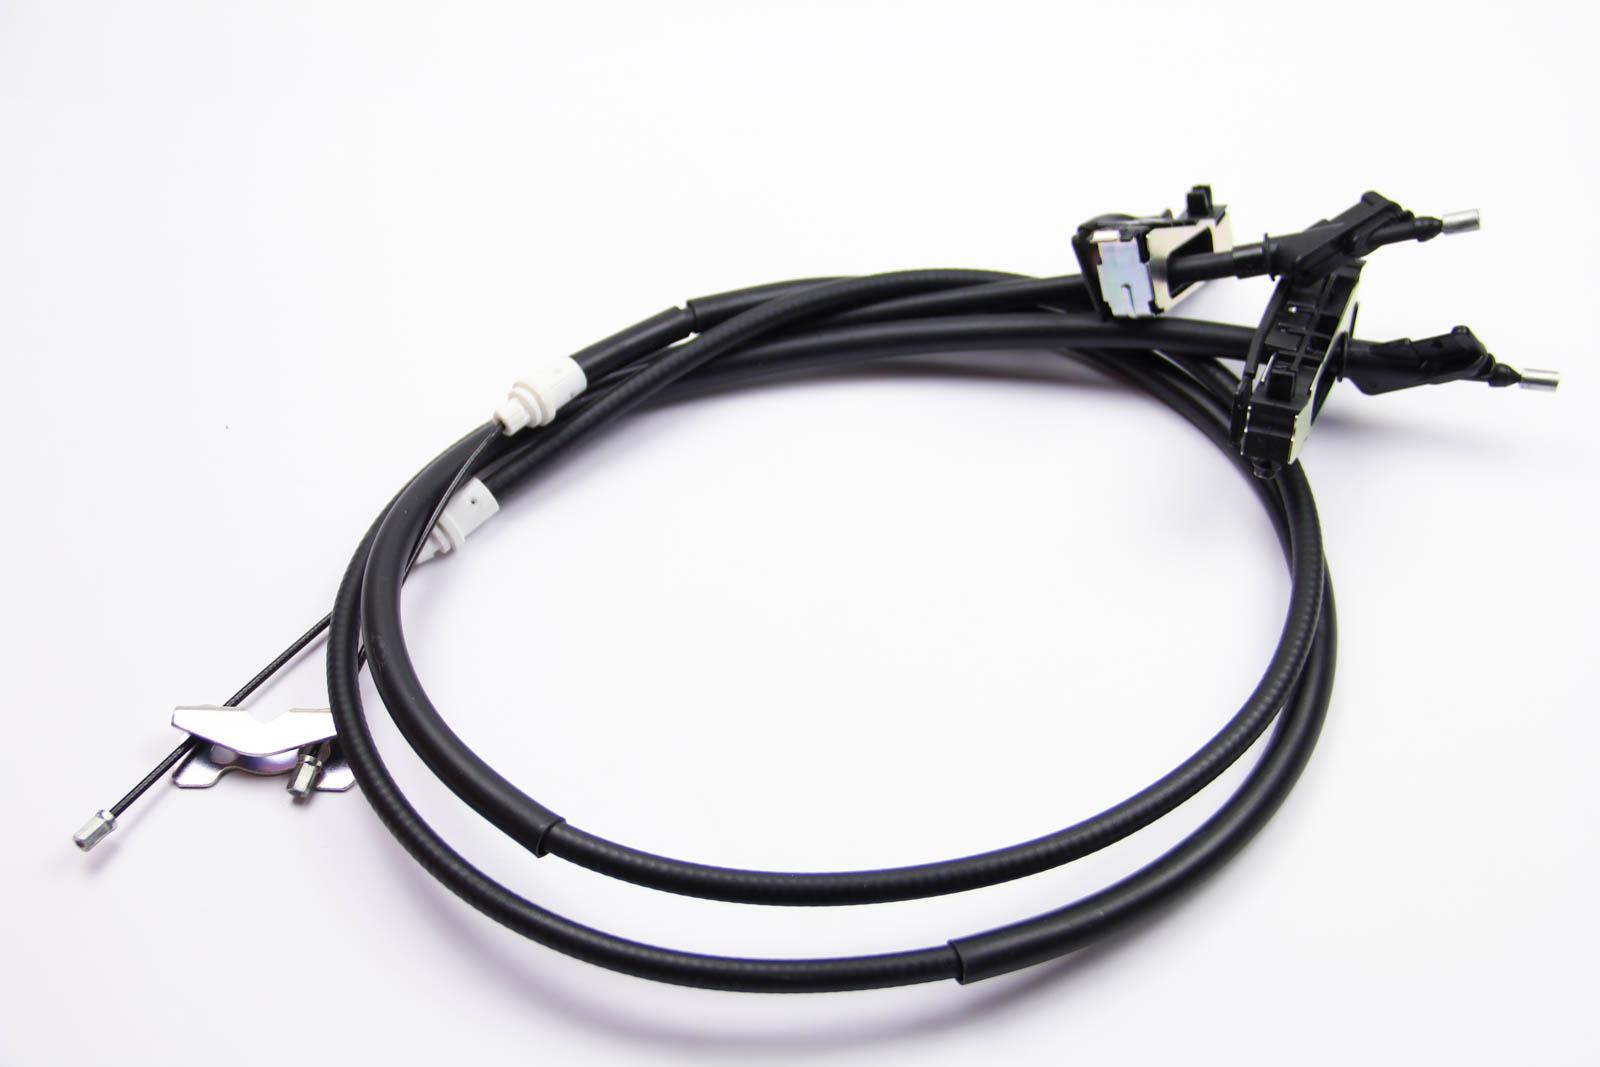 Трос ручного тормоза зад. Focus 98-03 (барабан) (1480/1320x2)